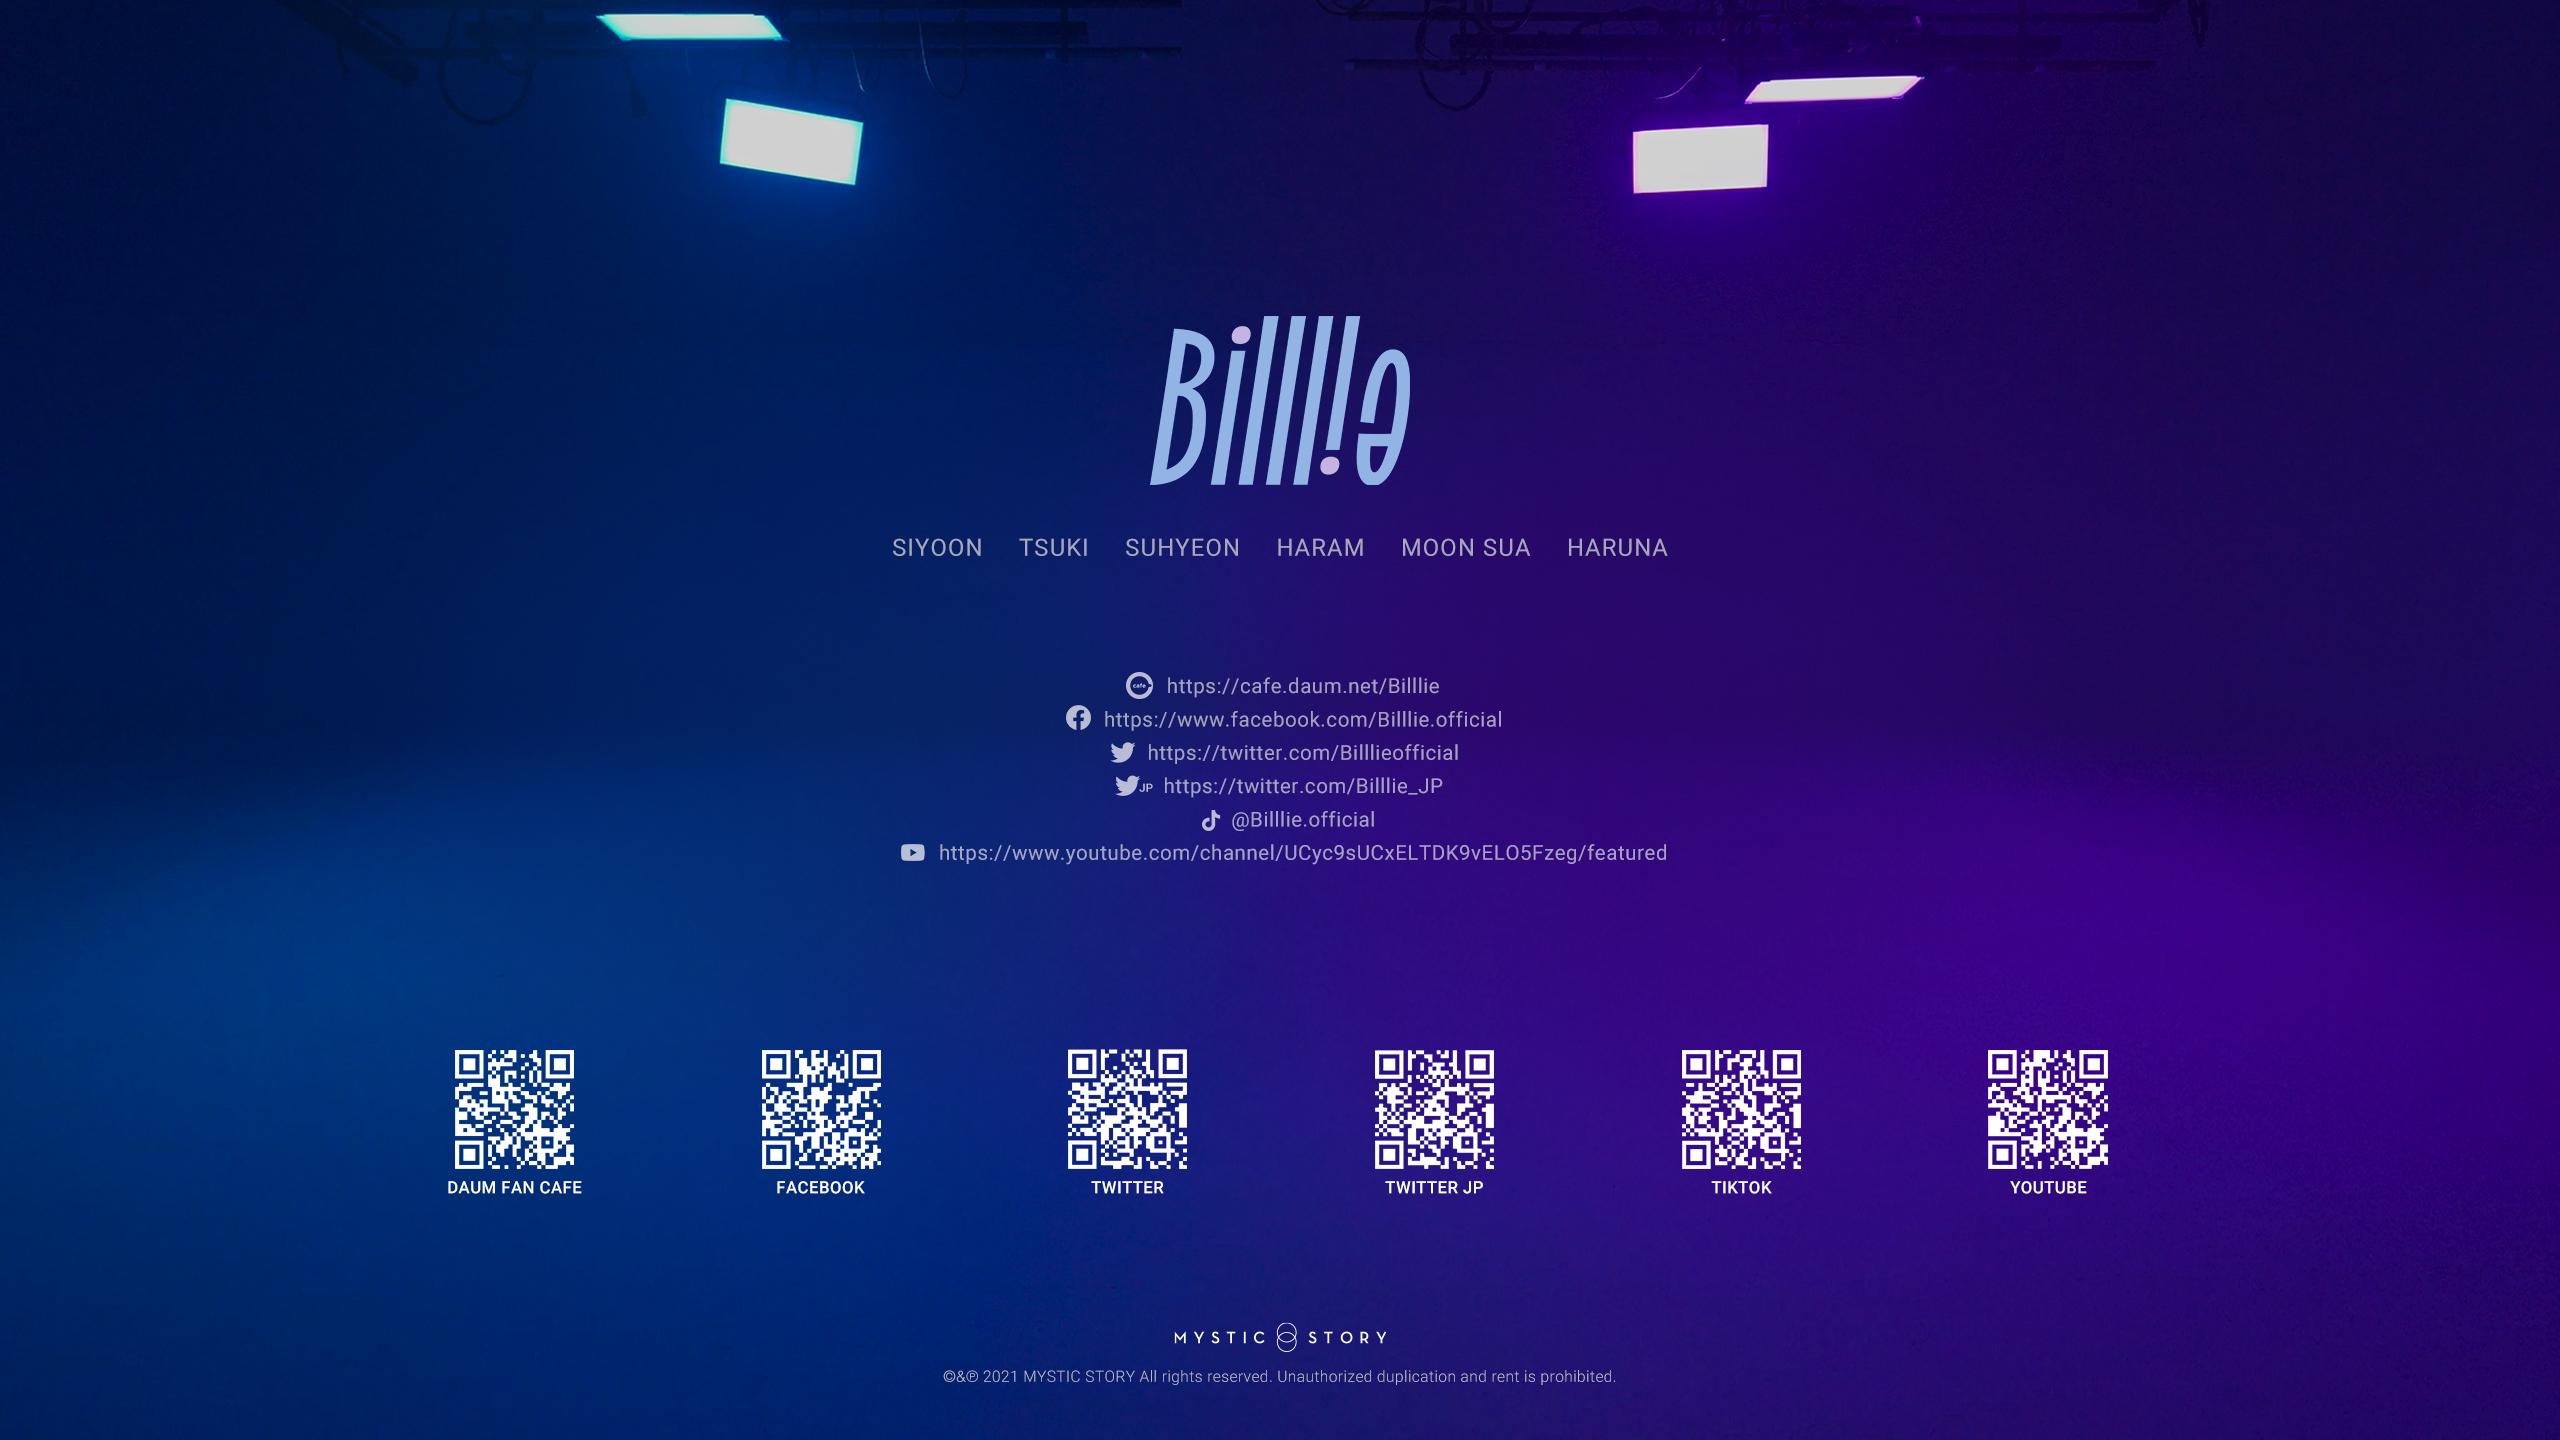 Billlie Members